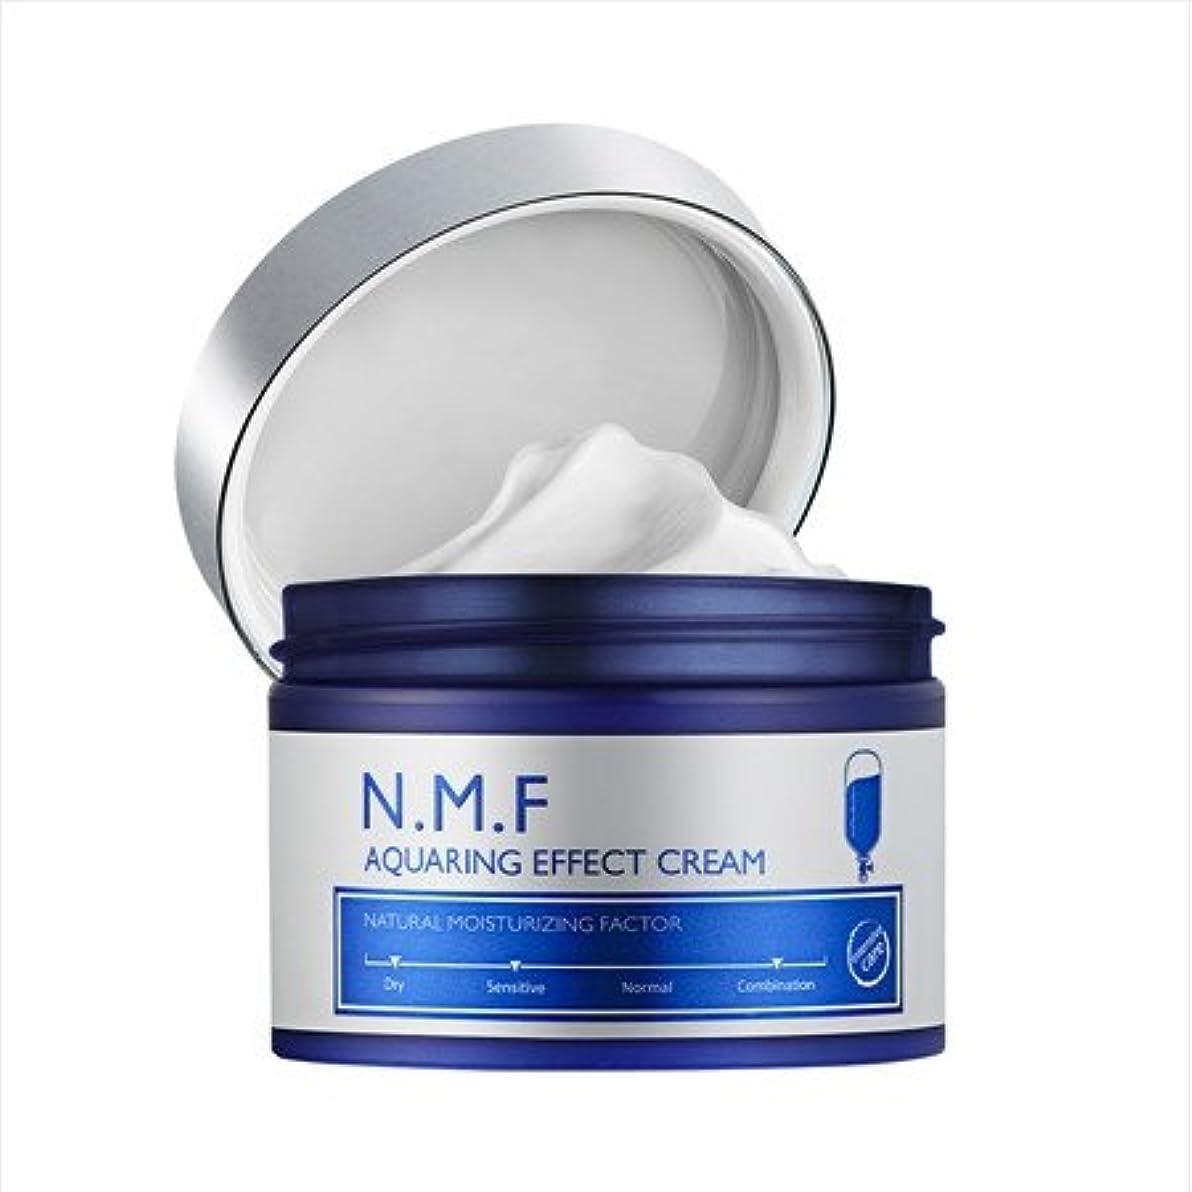 スペシャリスト租界と闘うメディヒール Mediheal N.M.F クアリングエフェクトクリームNMF Aqua Ring Effect Cream 50ml [並行輸入品]